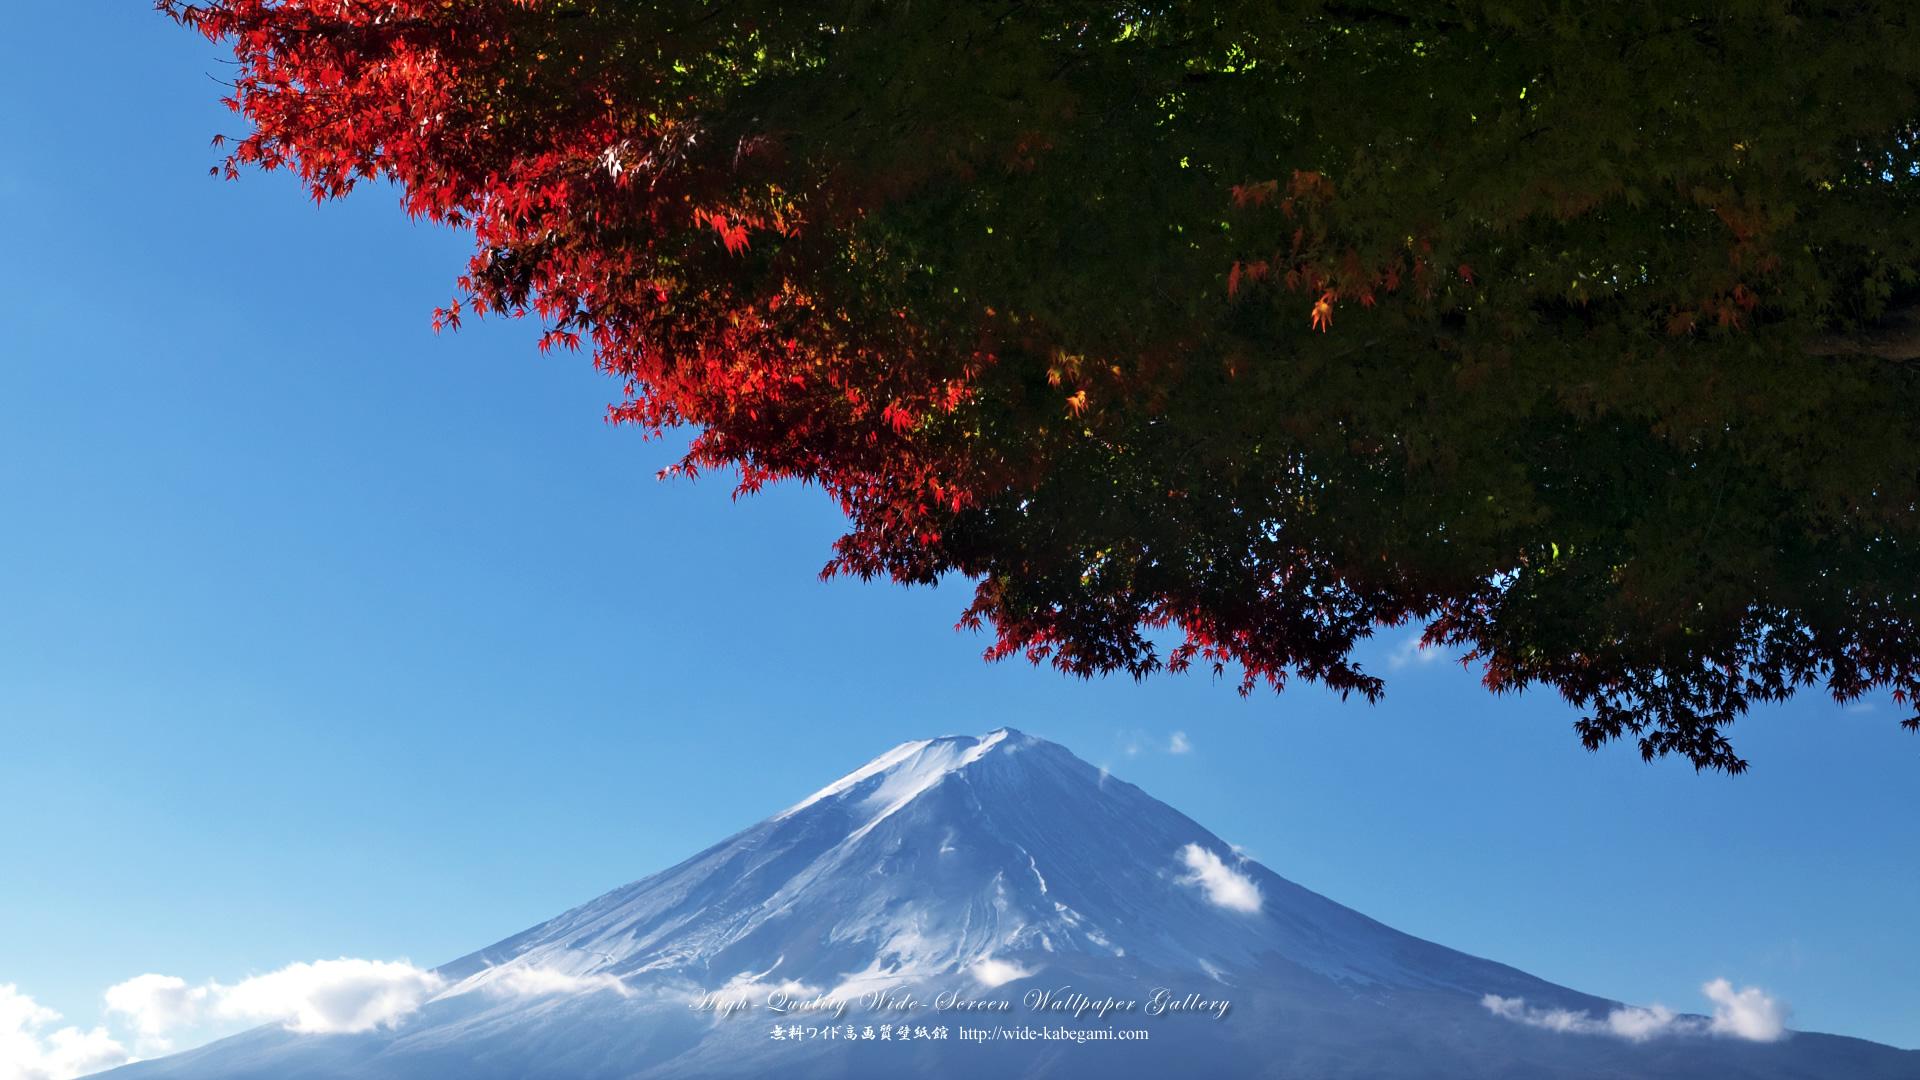 富士山のワイド壁紙 1920x1080 富士山と紅葉 無料ワイド高画質壁紙館